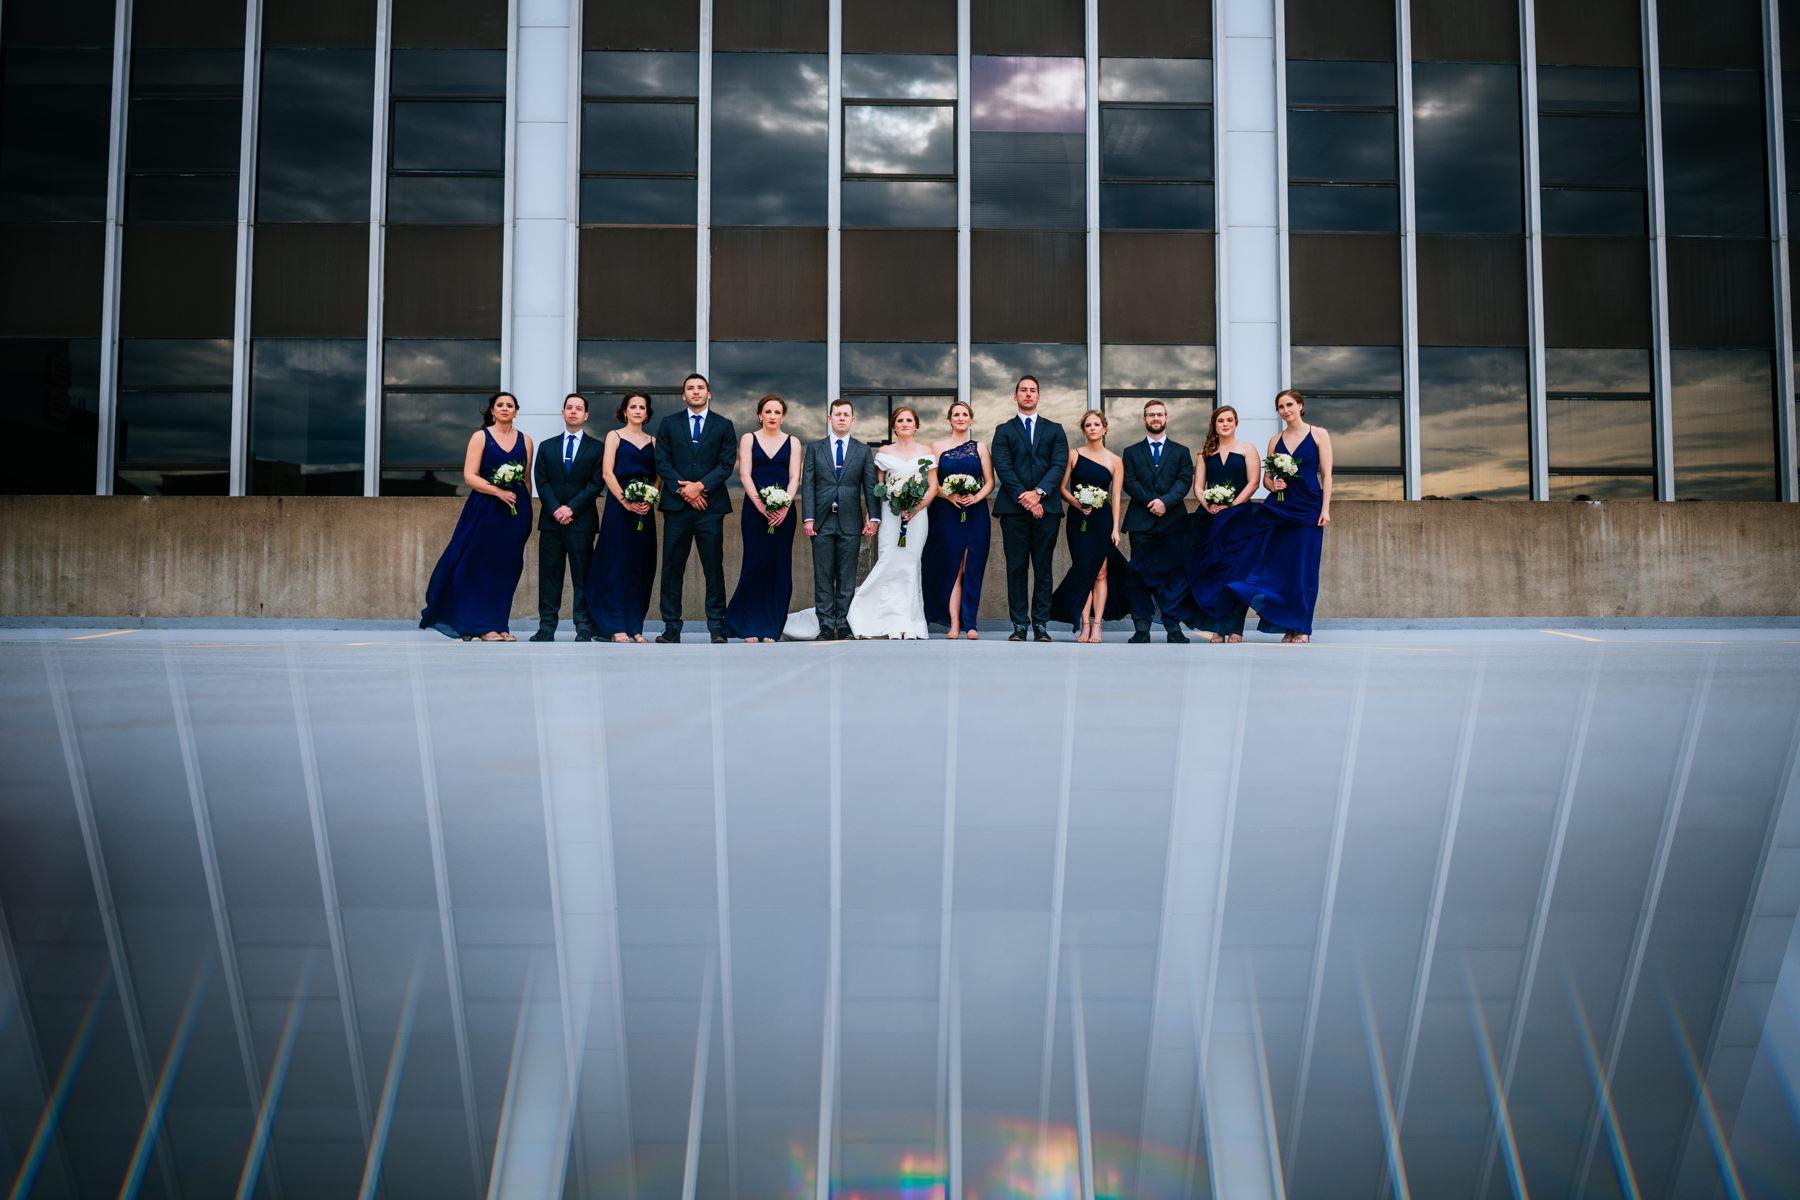 creative wedding party photograpy